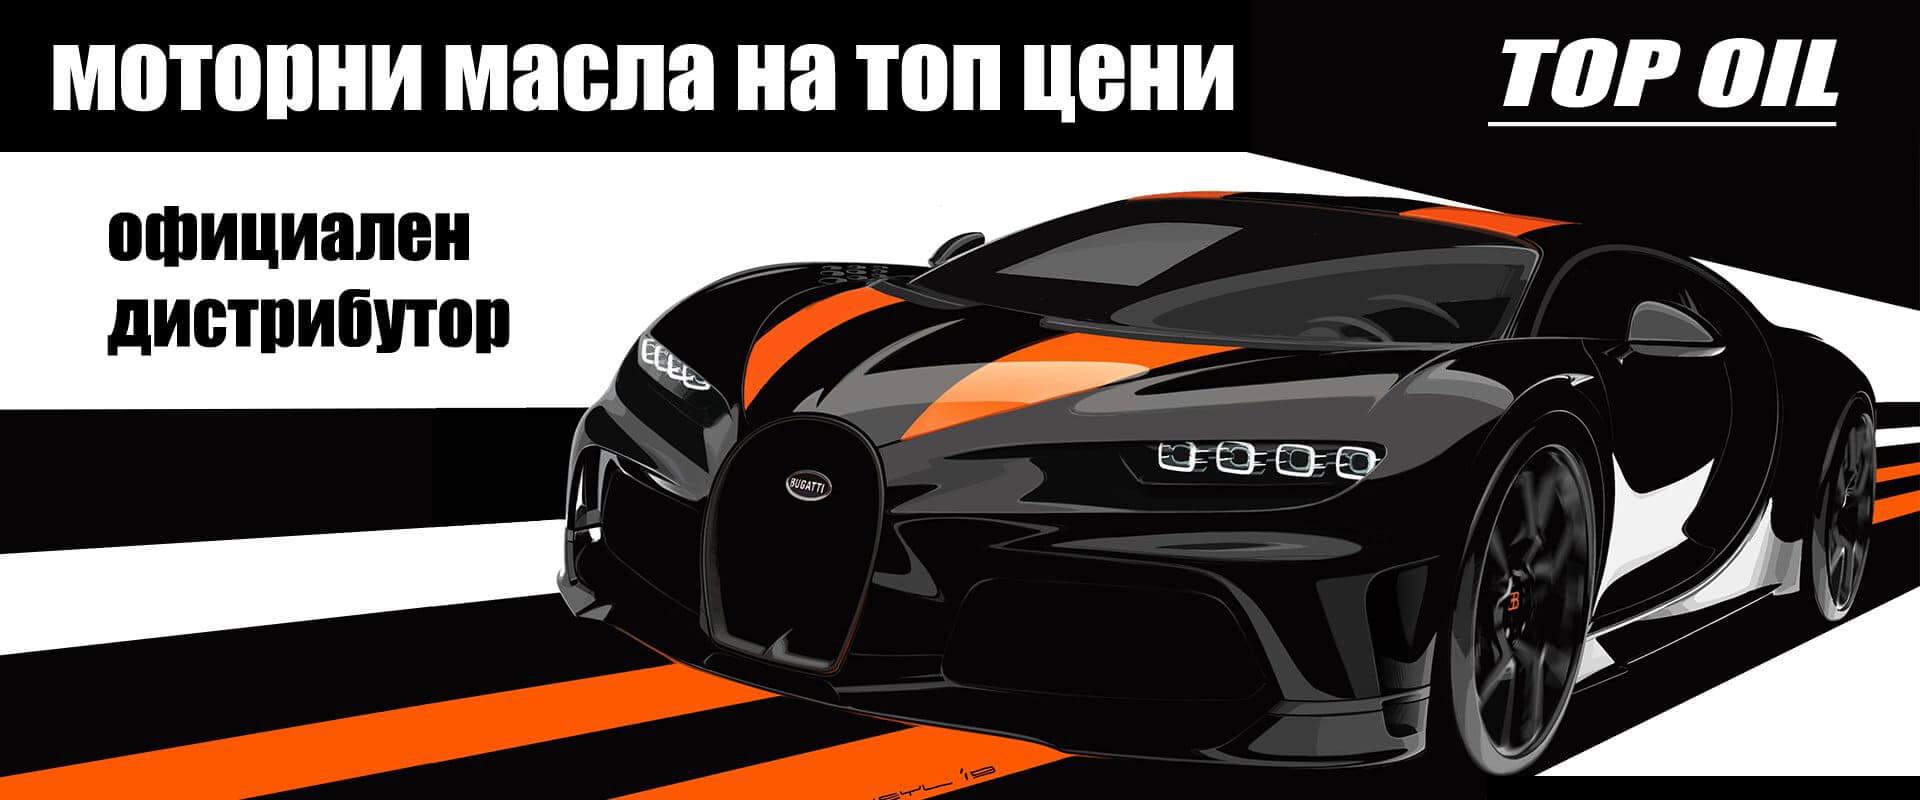 Моторни Масла TopOil.bg